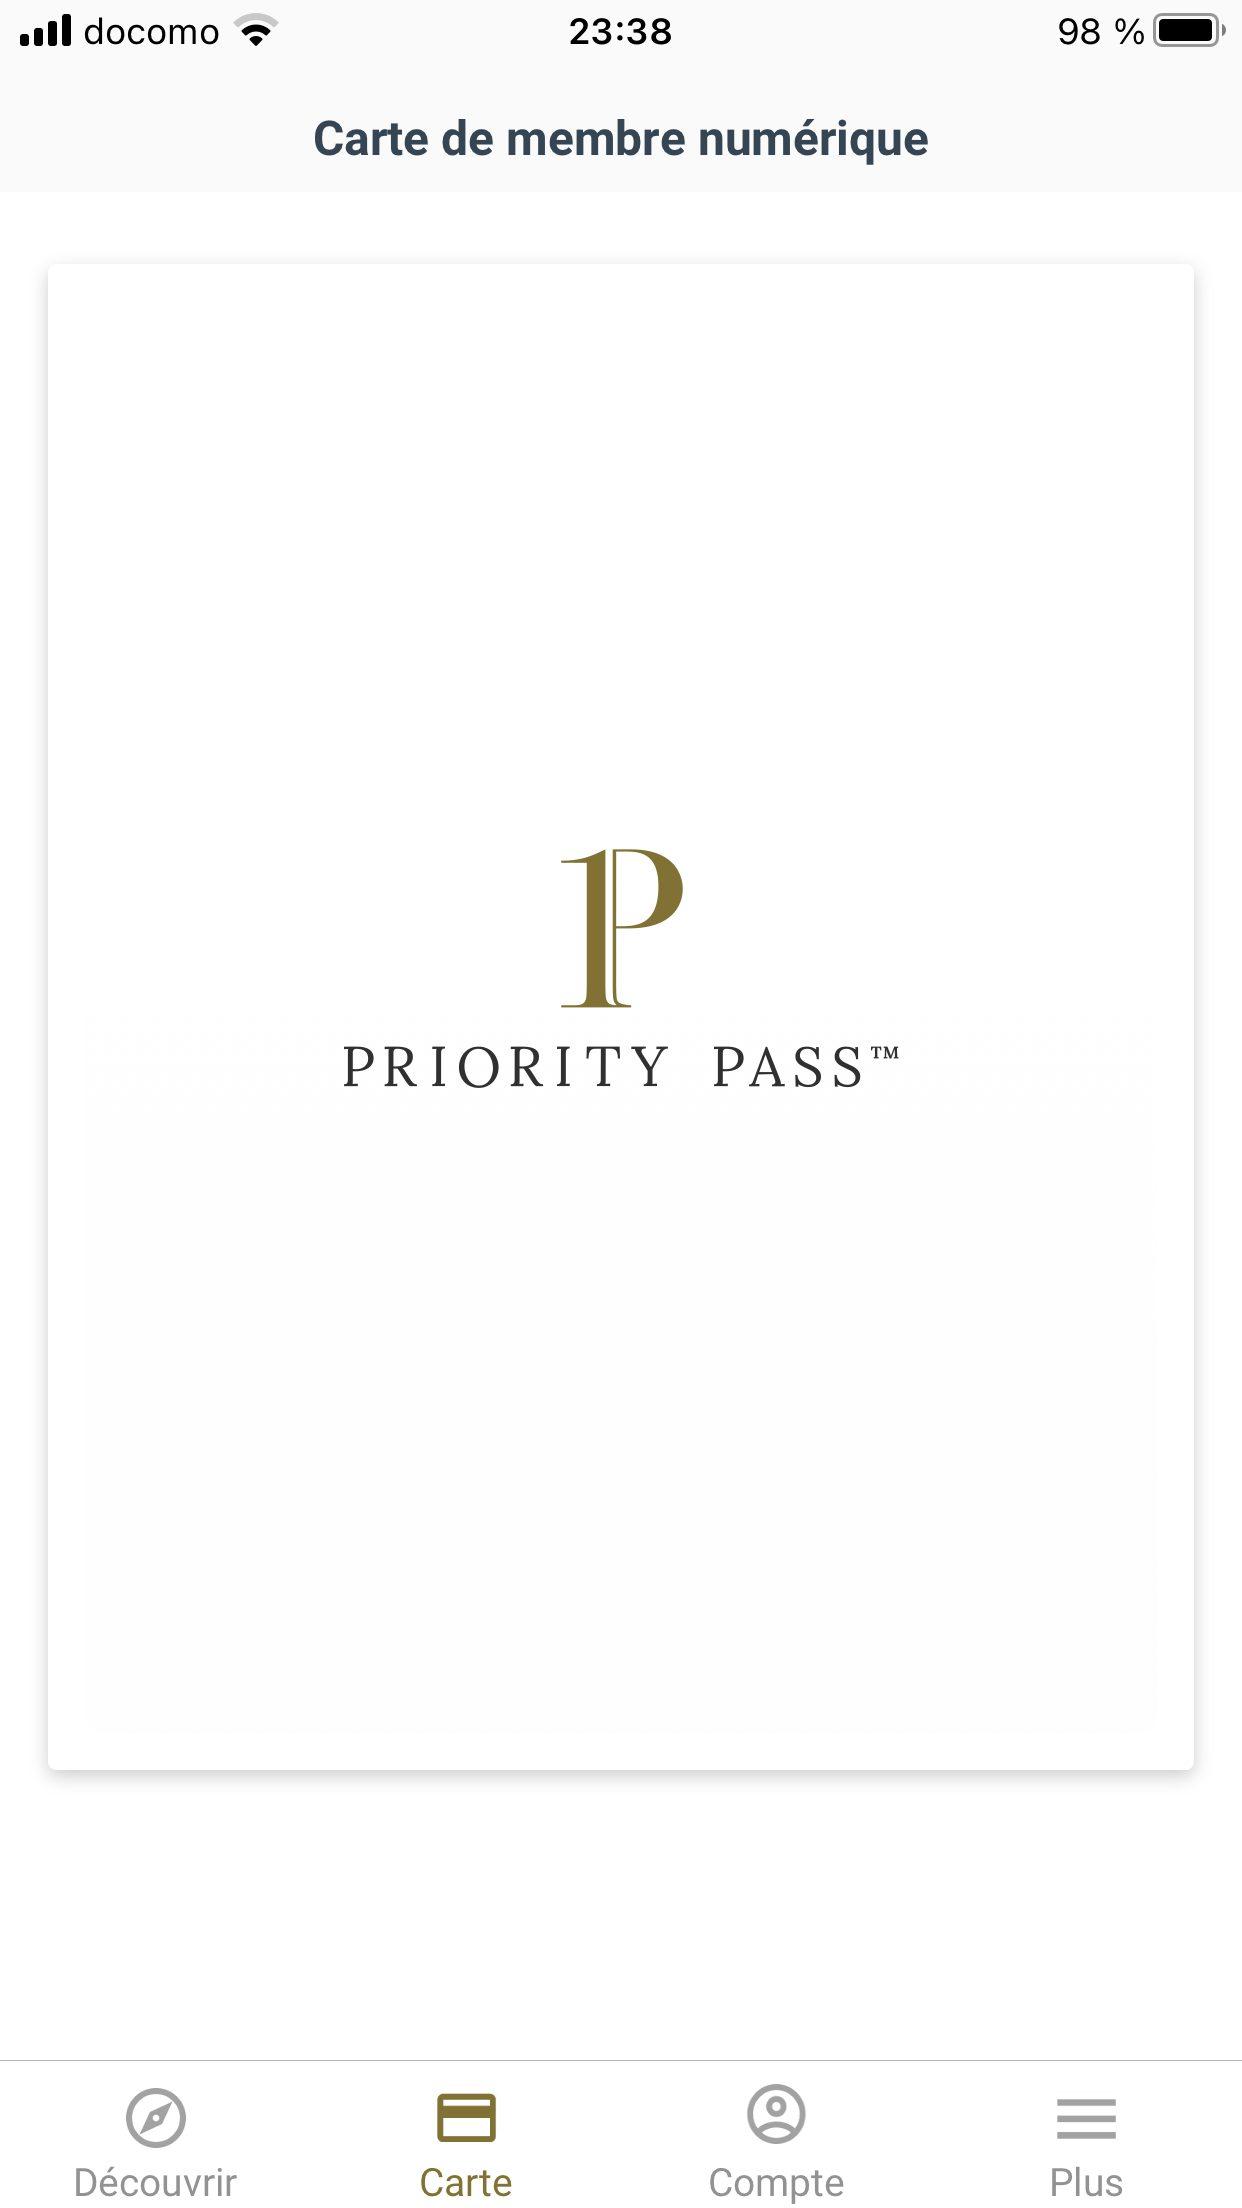 プライオリティ・パスでプラザプレミアムラウンジが利用できなくなります(2021/7/1から)